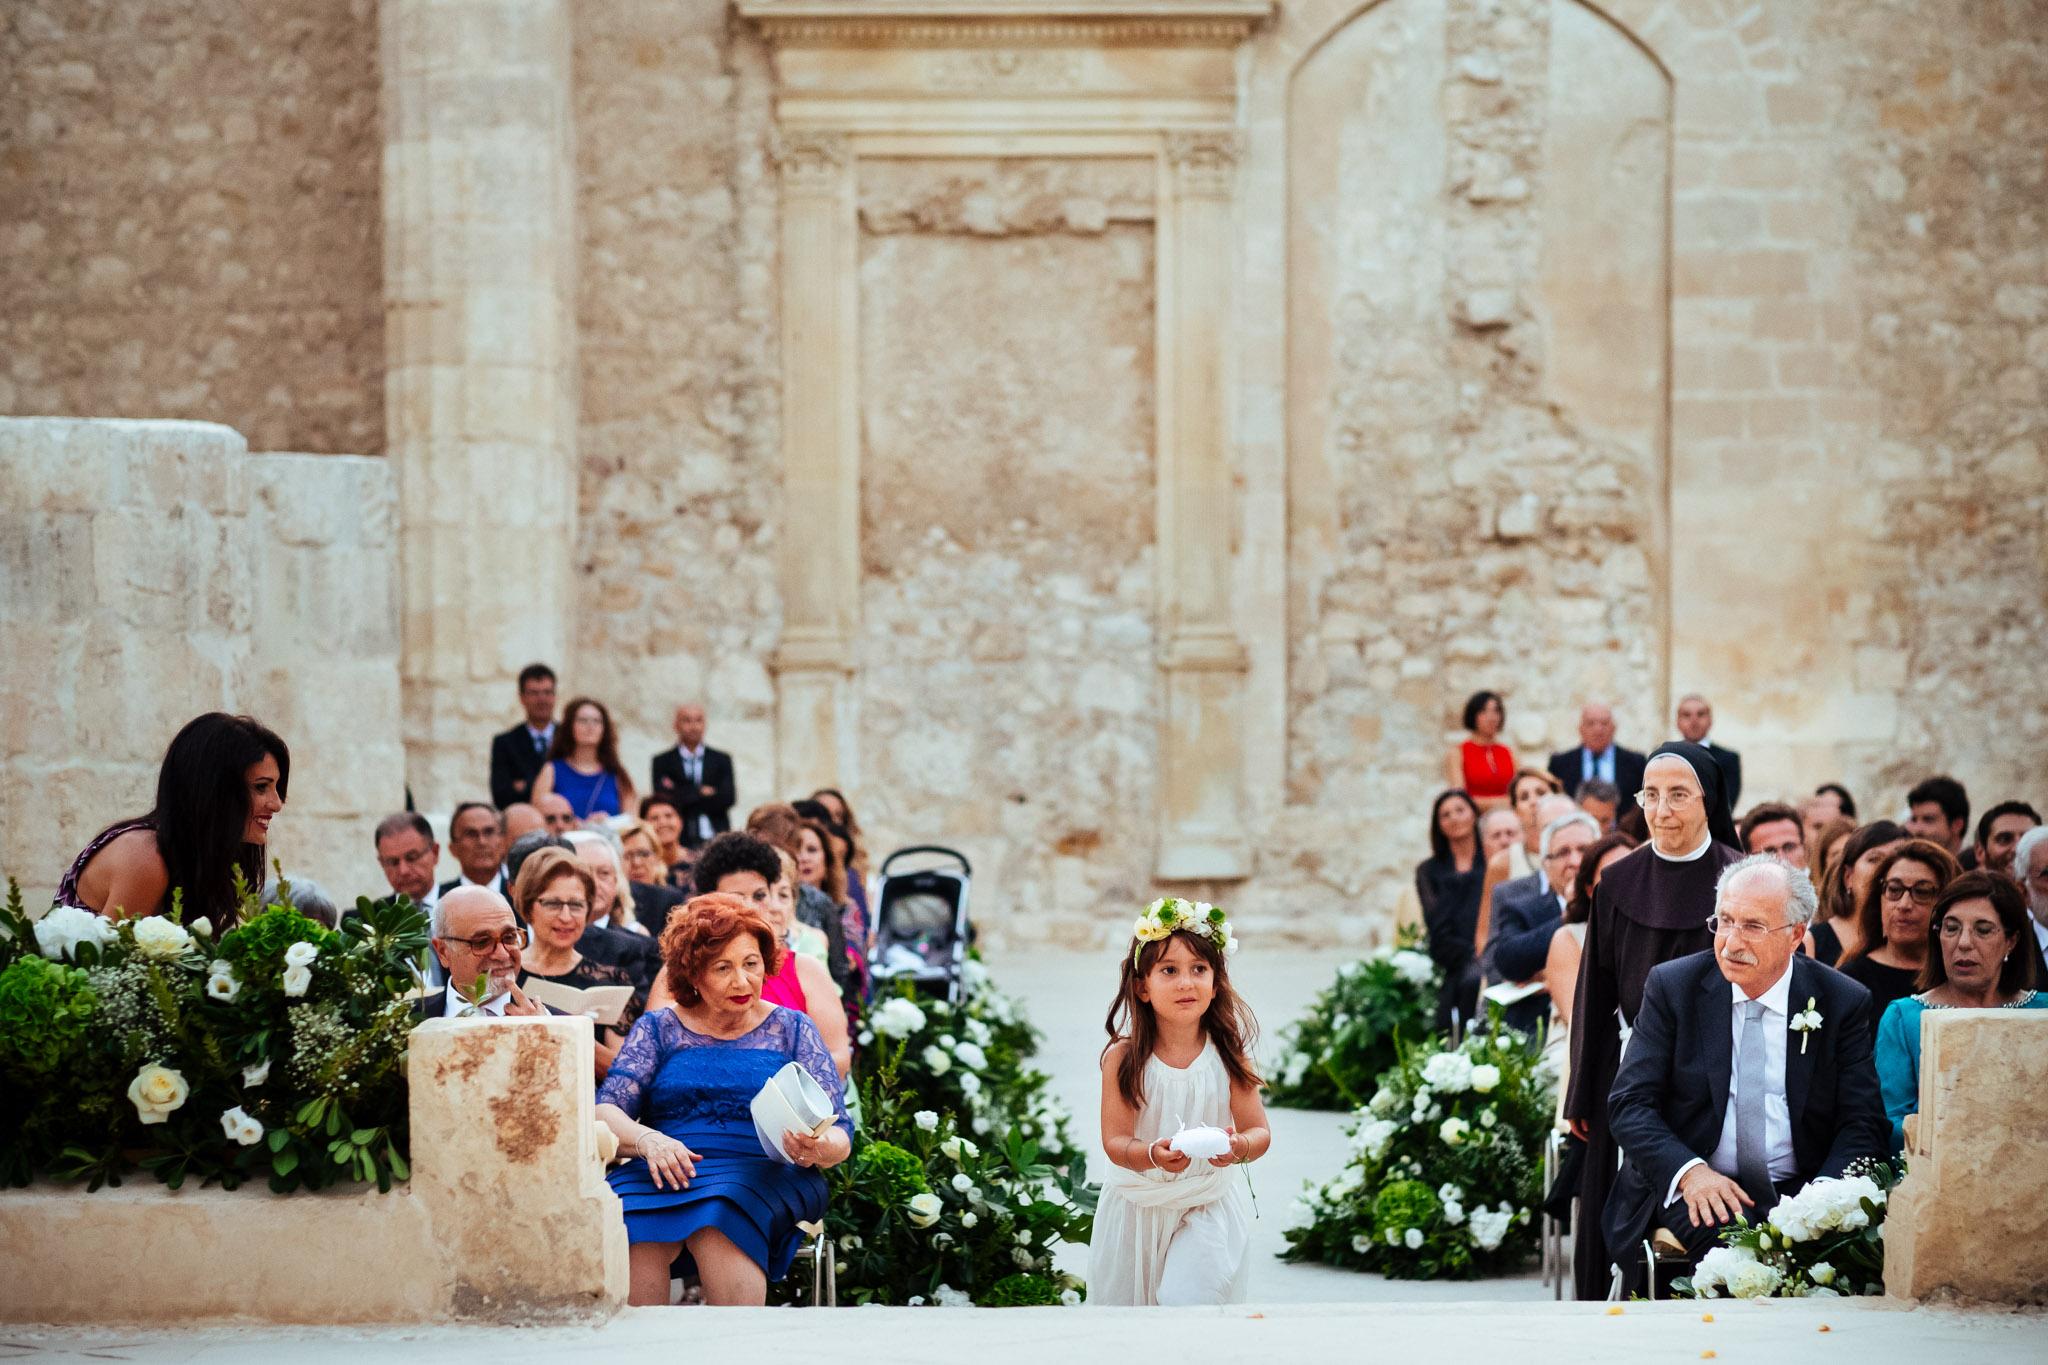 wedding-in-SYRACUSE-36.jpg